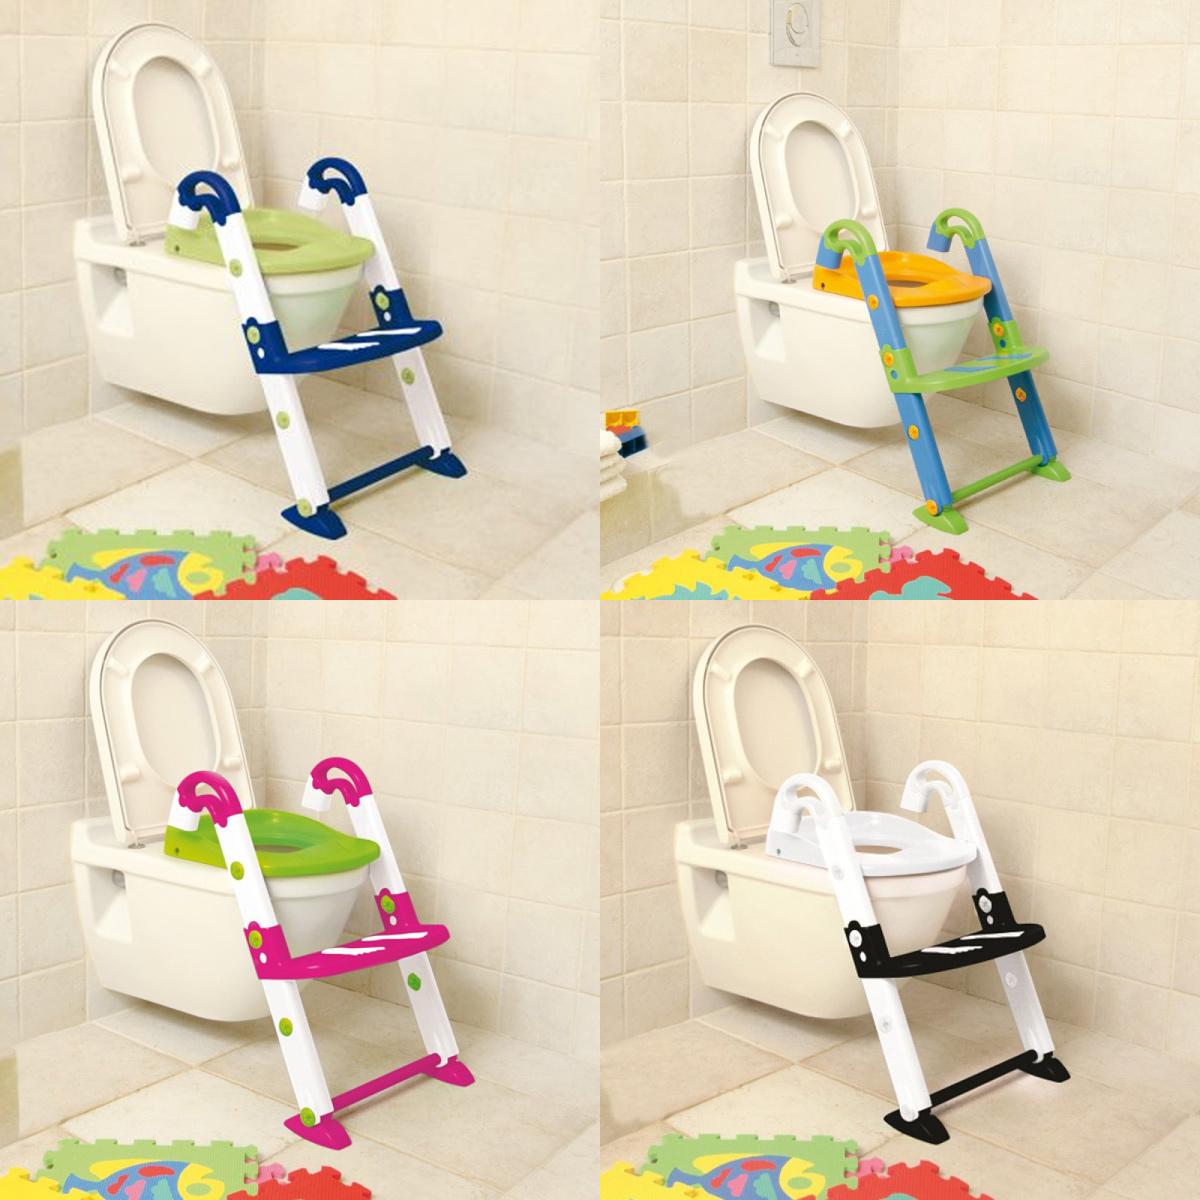 KidsKit-Toilettentrainer-3-in-1-WC-Sitz-Toepfchen-Leiter-mit-WC-Sitz-Farbwahl